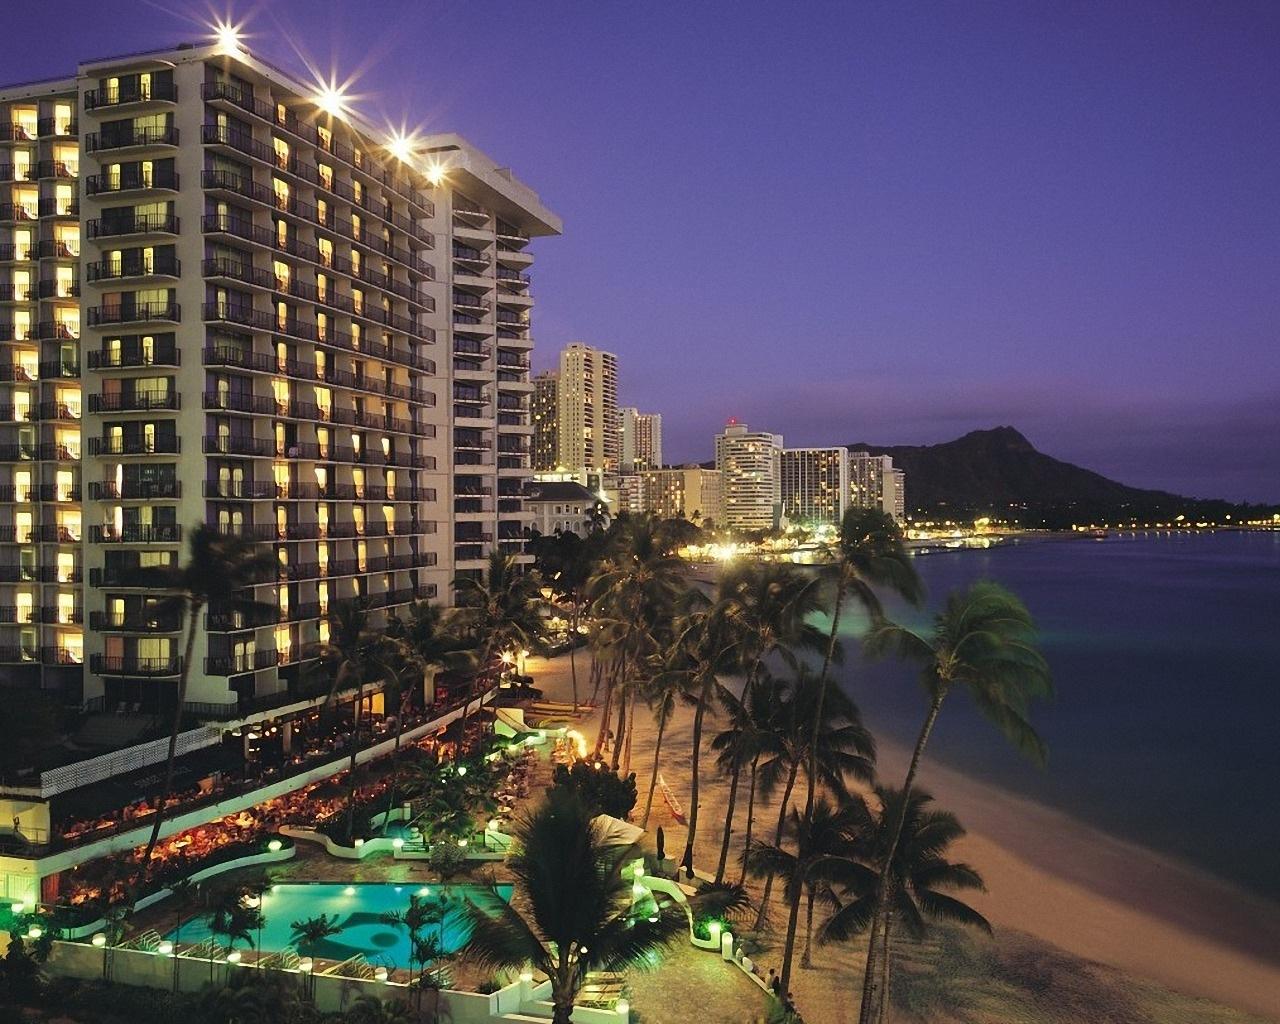 Download Waikiki Wallpaper [1280x1024] 68 Waikiki Beach 1280x1024